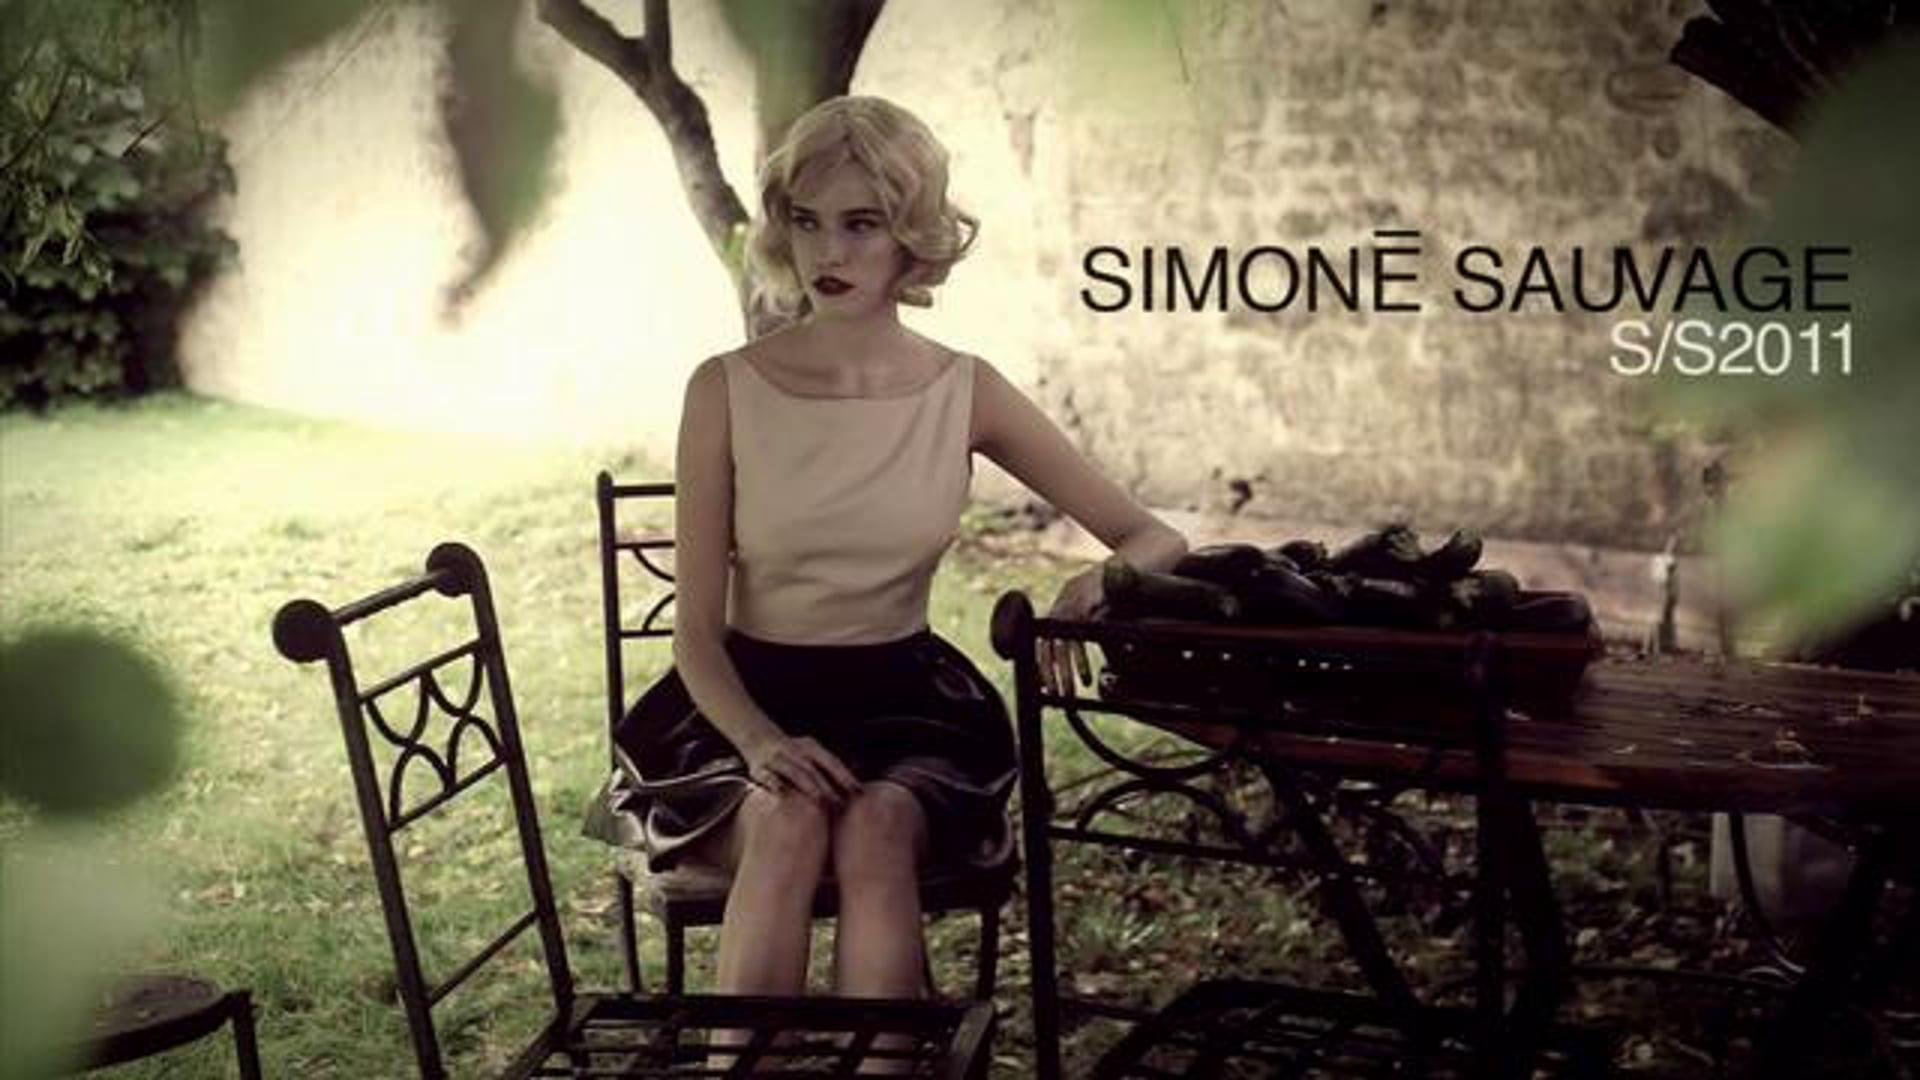 SIMONE SAUVAGE S/S 2011